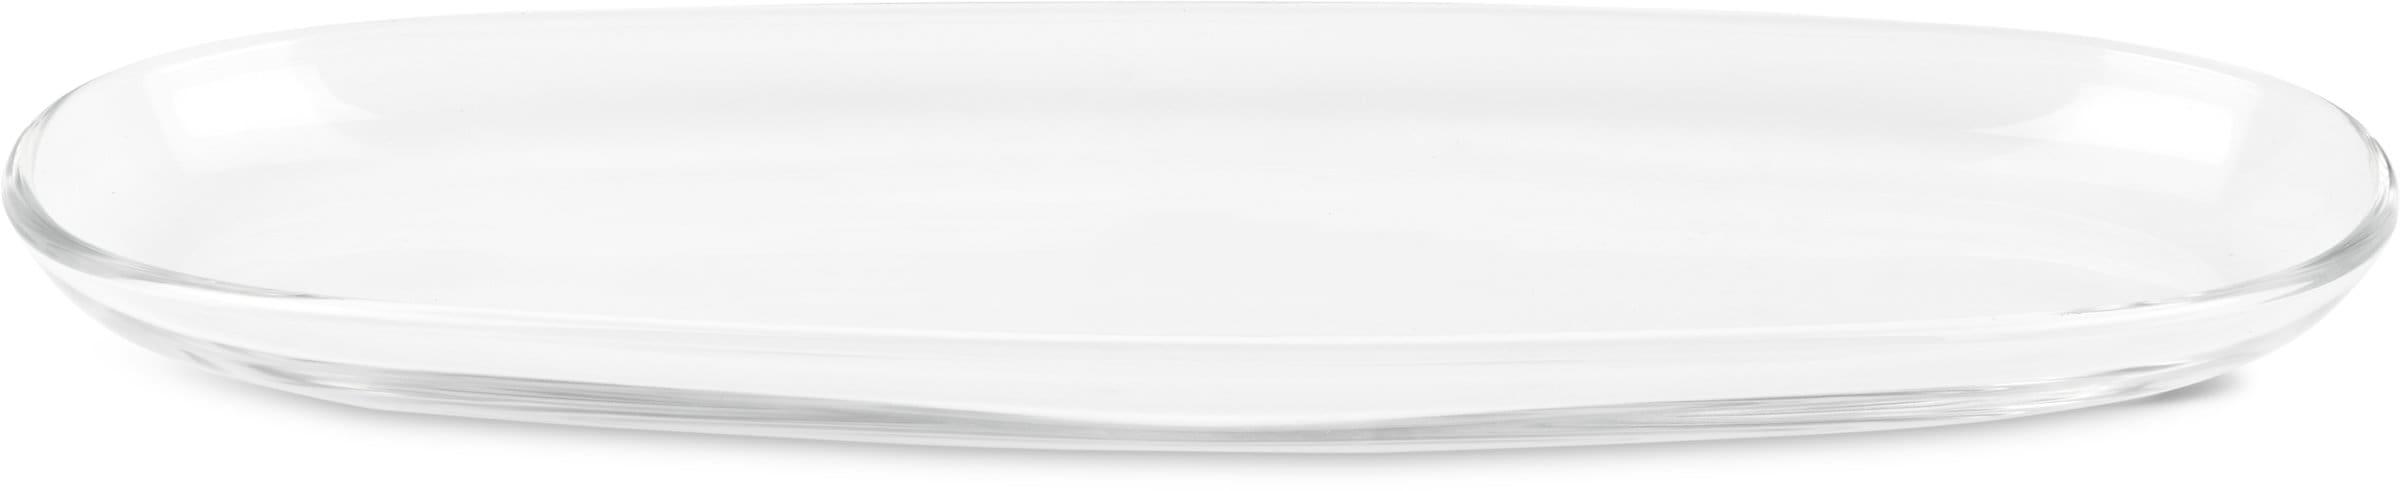 Cucina & Tavola Servierplatte